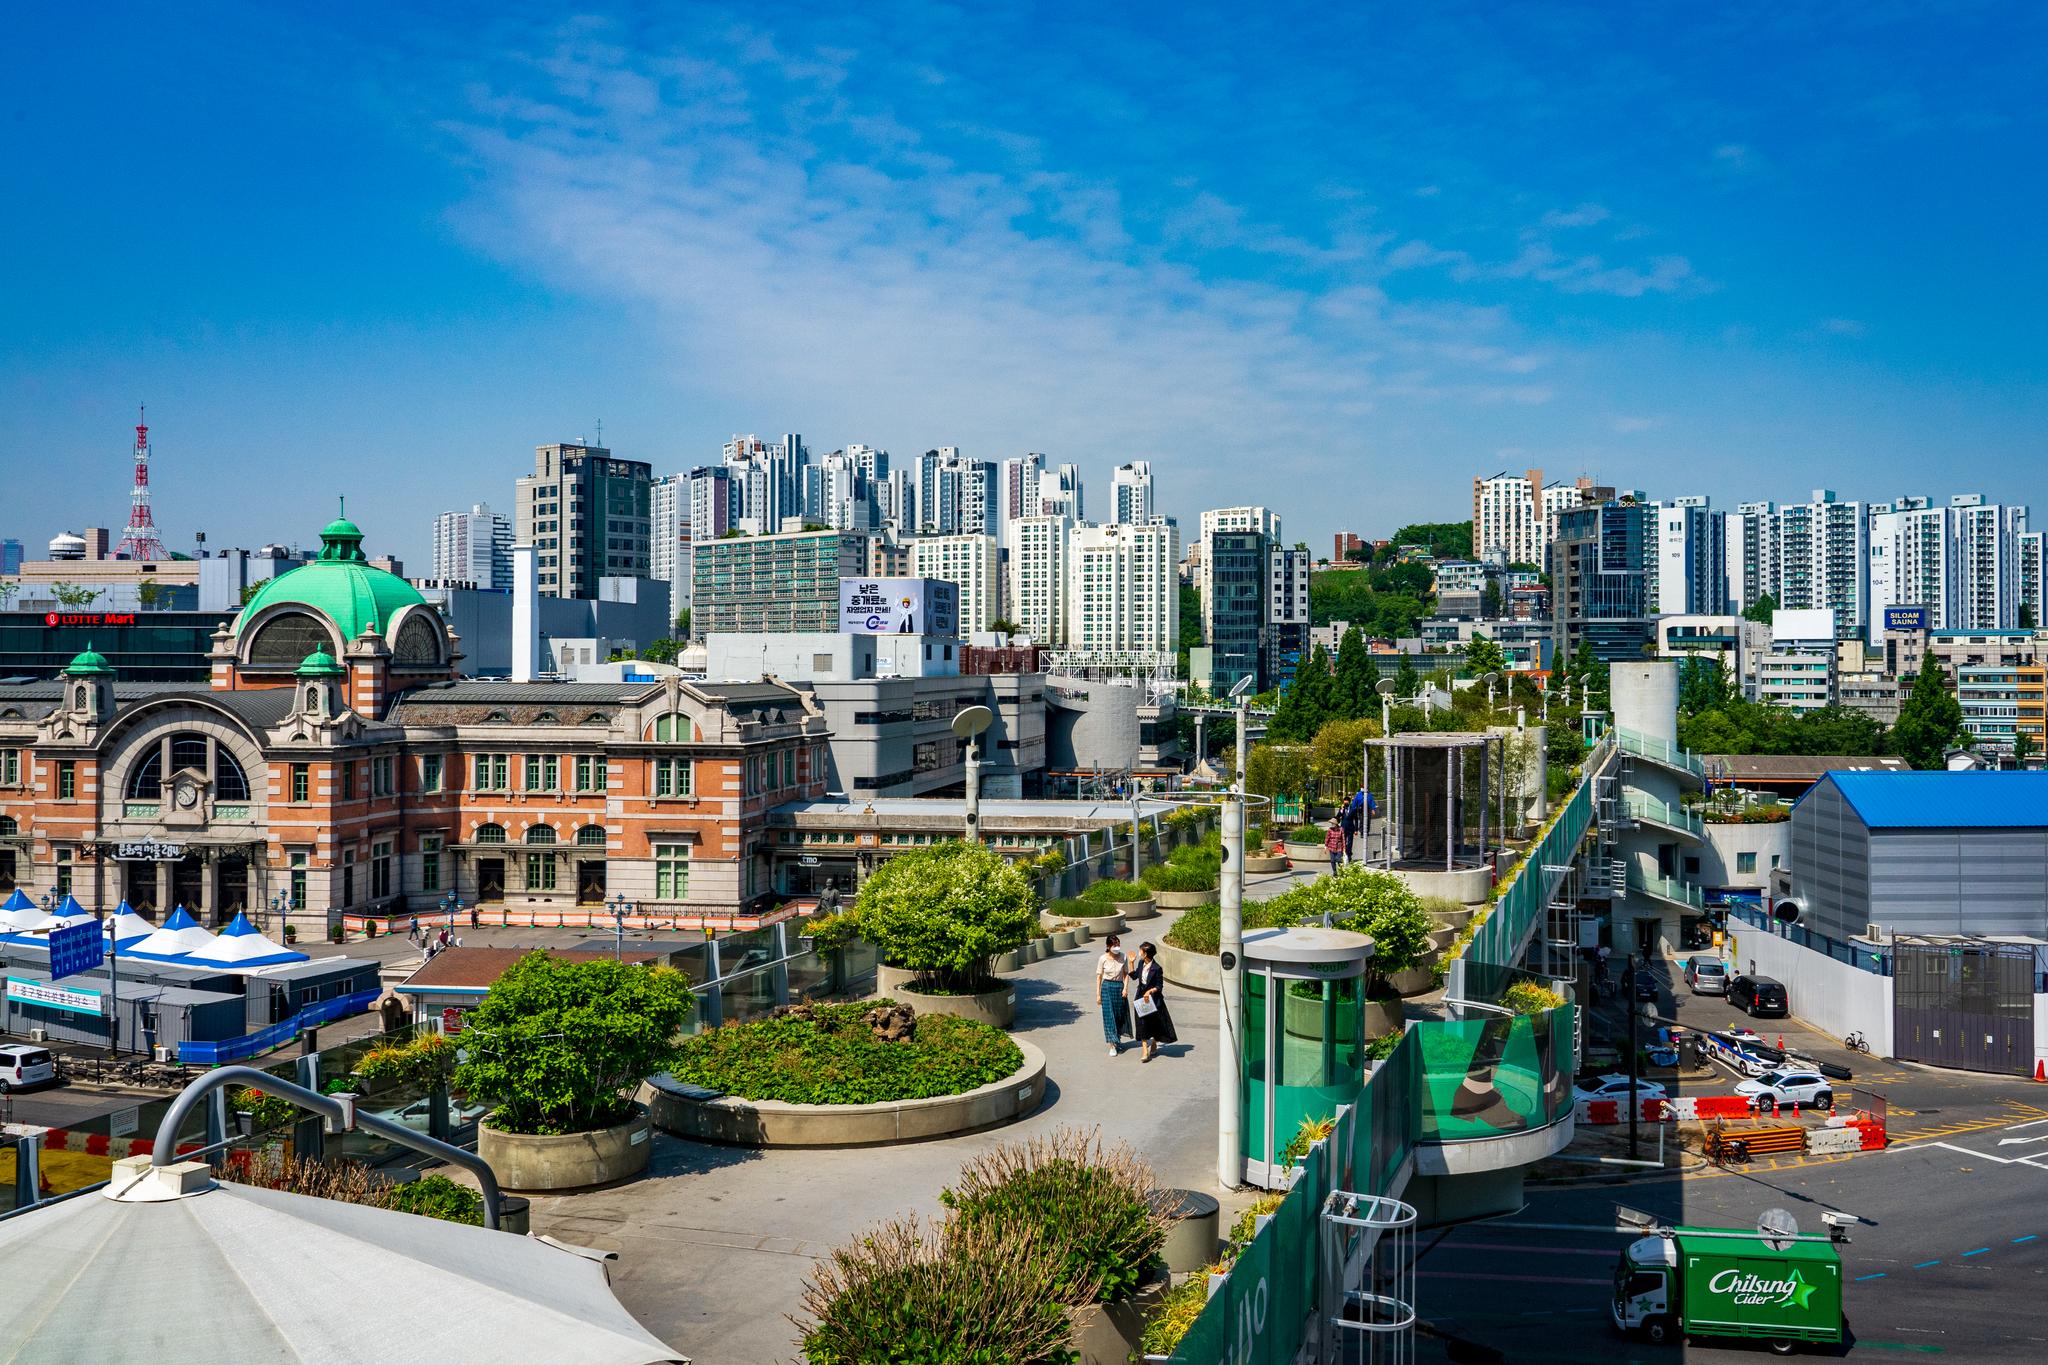 서울시의 대표 투어 프로그램인 '서울도보해설관광'이 소규모, 비대면 방식으로 달라졌다. 신청 인원은 최대 3명. 단 한명만 신청해도 문화관광해설사가 나서 안내를 돕는다. 현재 44개 코스가 운영 중이다. 공원으로 거듭난 서울로7017은 서울역 옛 역사와 약현성당 등이 가까워 건축기행에 어울린다.